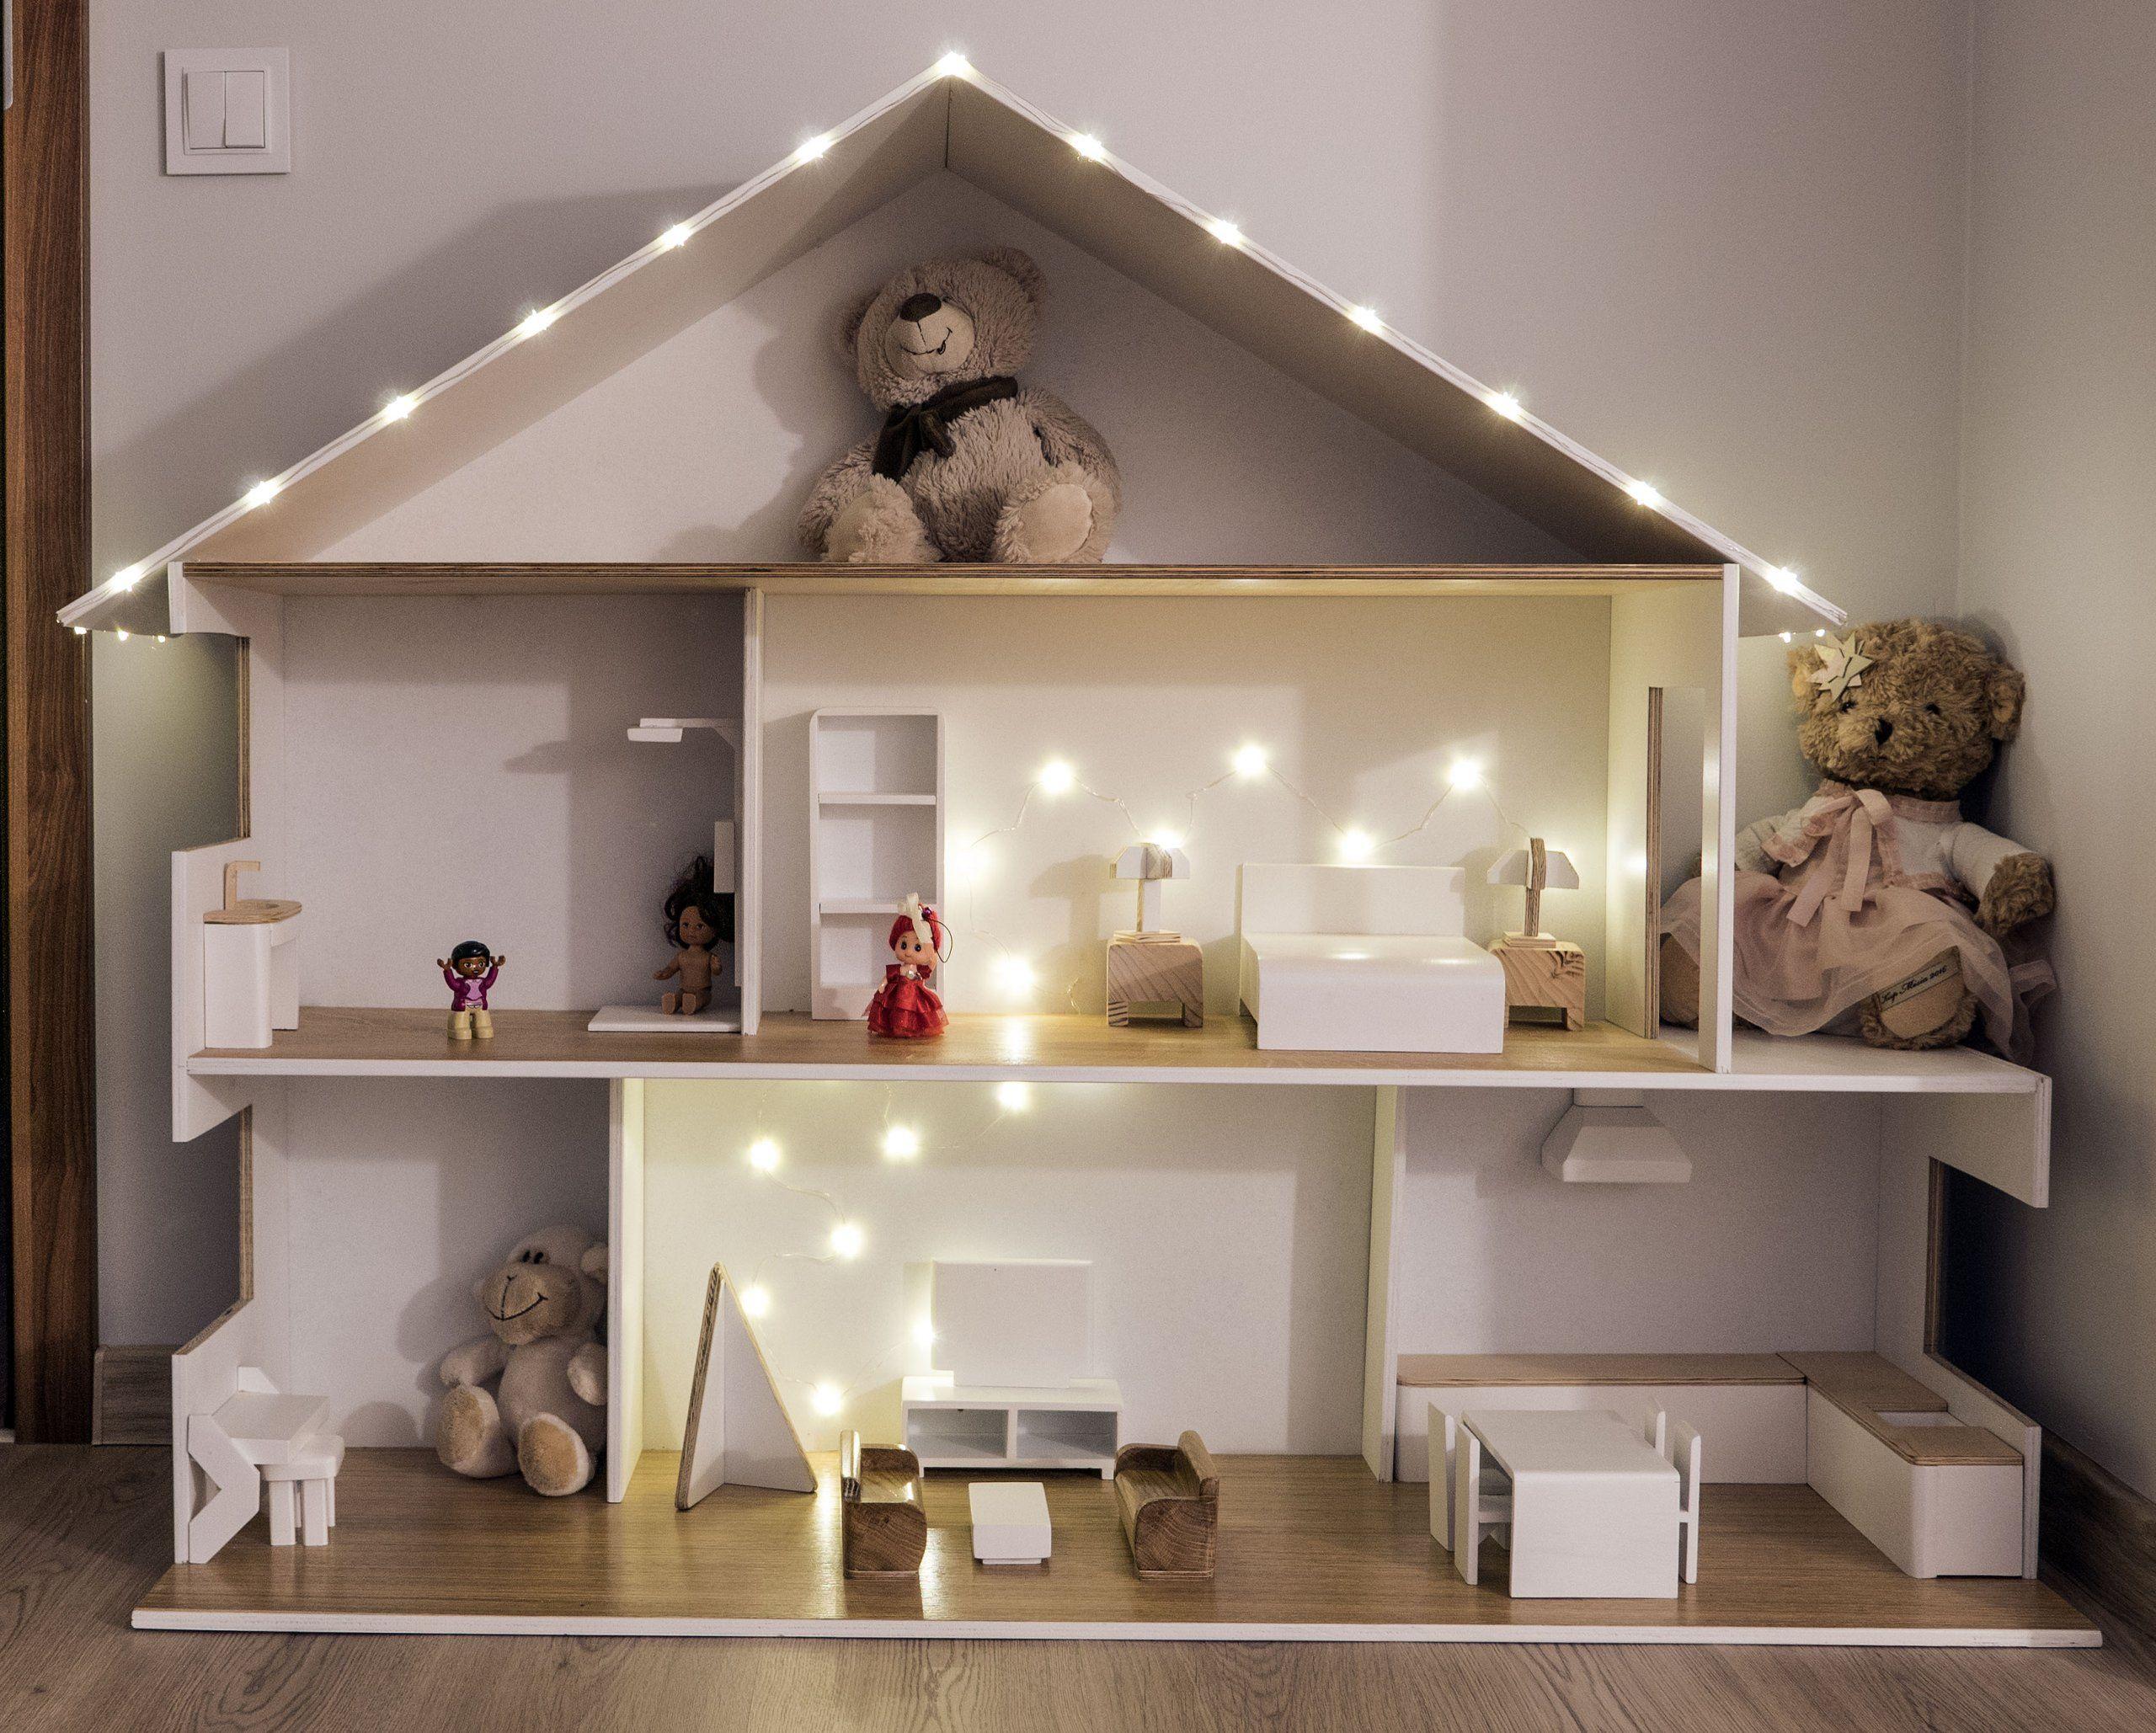 Drewniany Domek Dla Lalek Oświetlenie Mebelki 7088148612 Oficjalne Archiwum Allegro Doll House Plans Barbie Doll House Doll Furniture